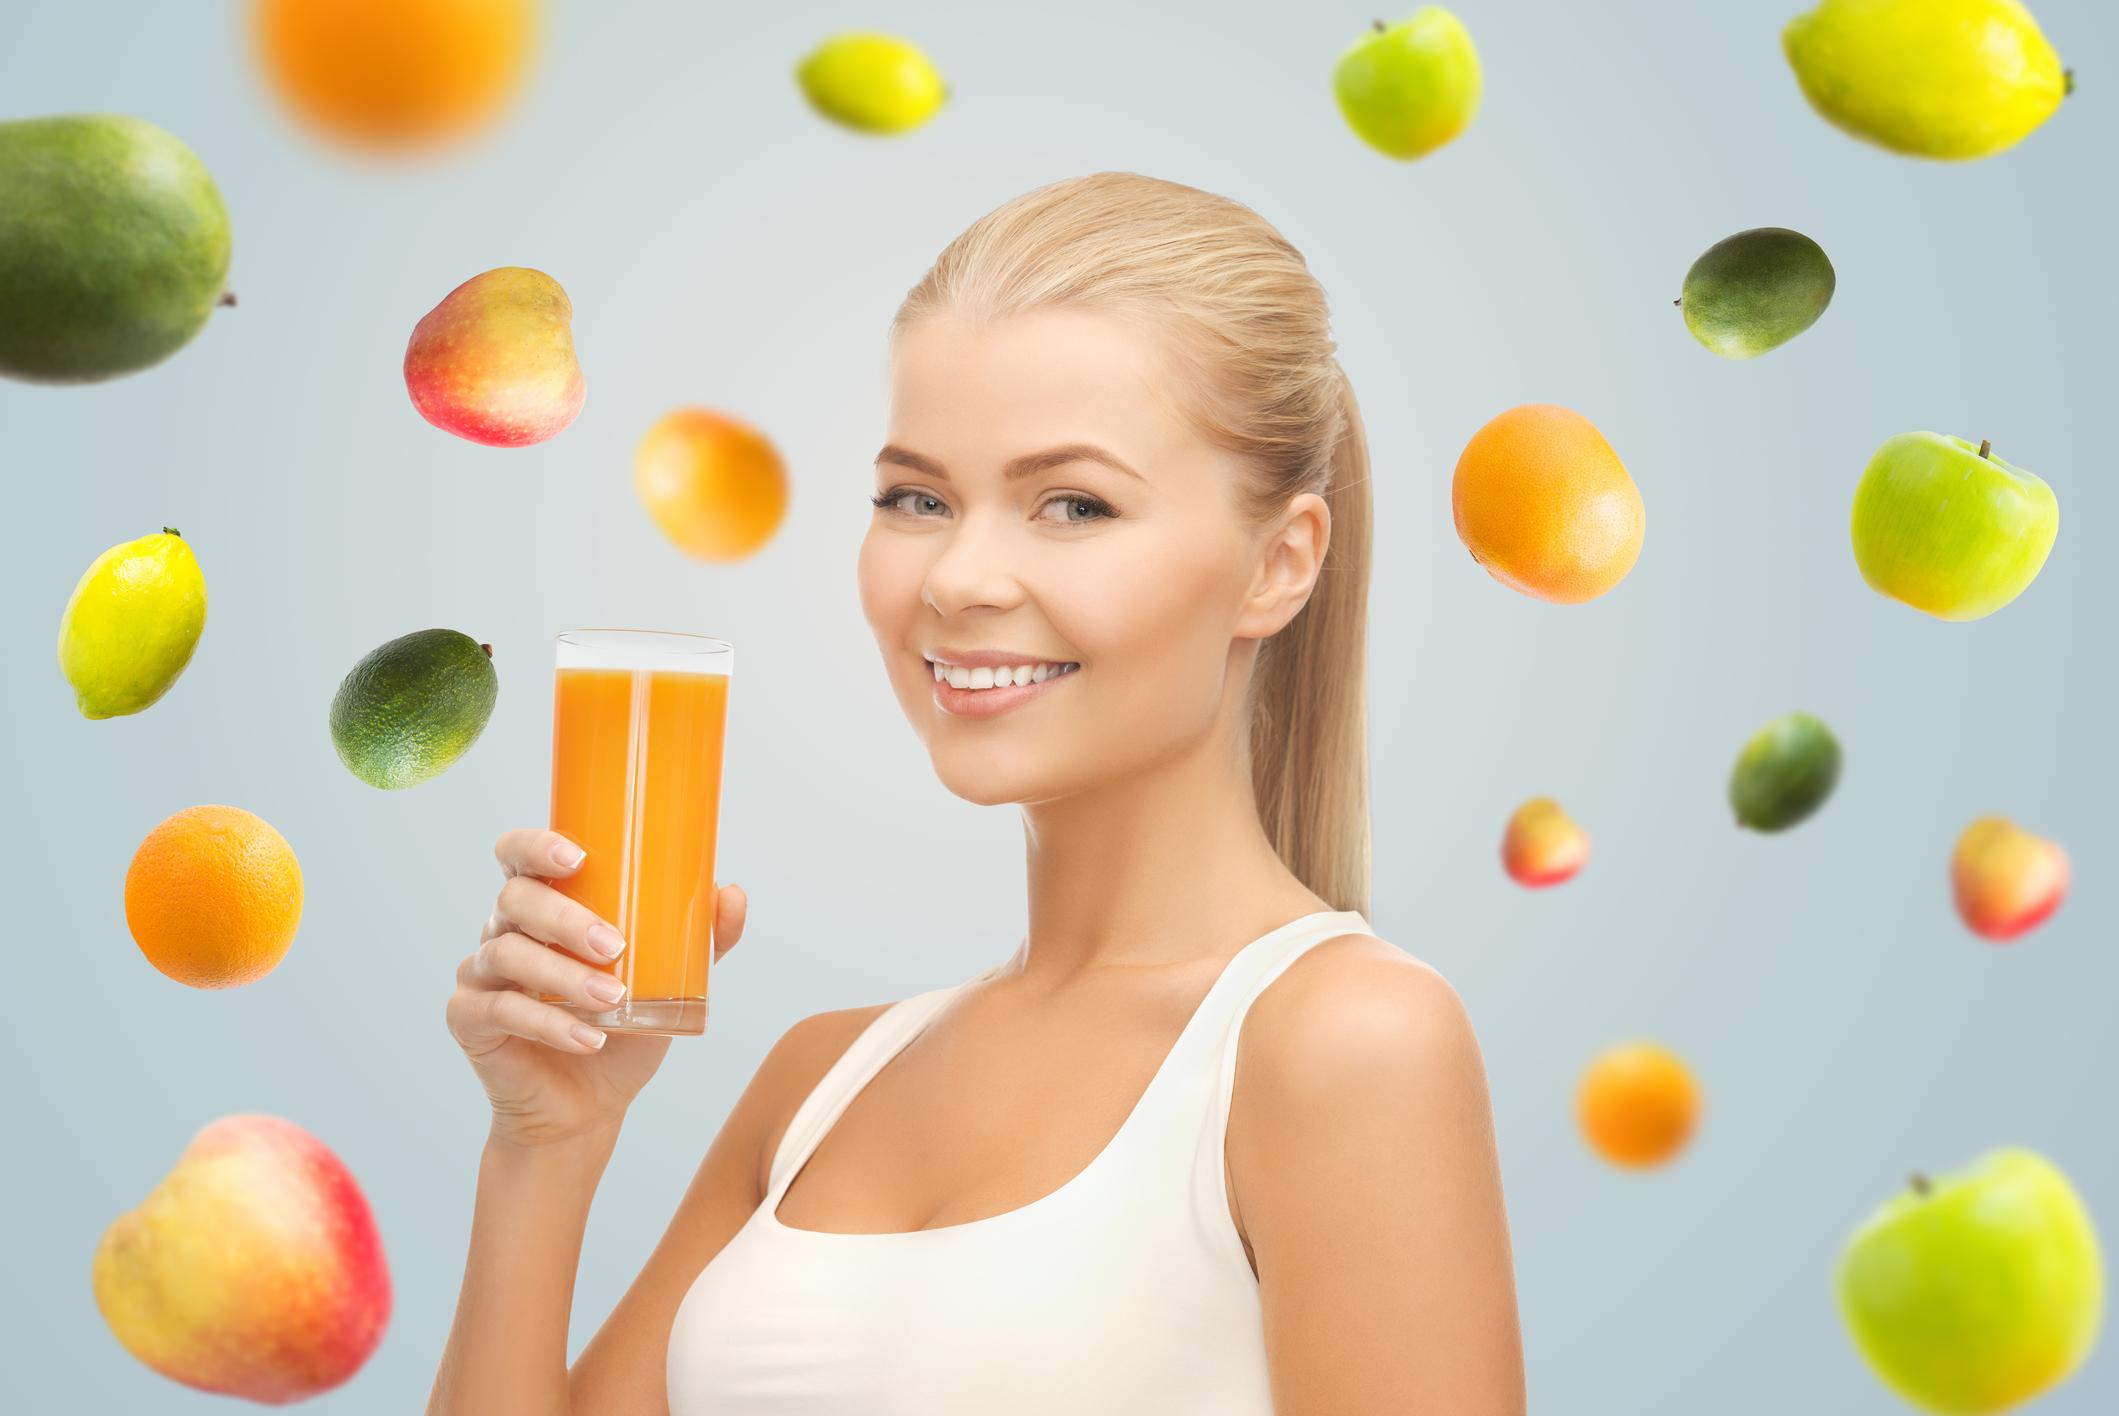 Íme a 10 legjobb fogyókúra tipp, amit neked is ki kell próbálnod! | szalok-szallas.hu